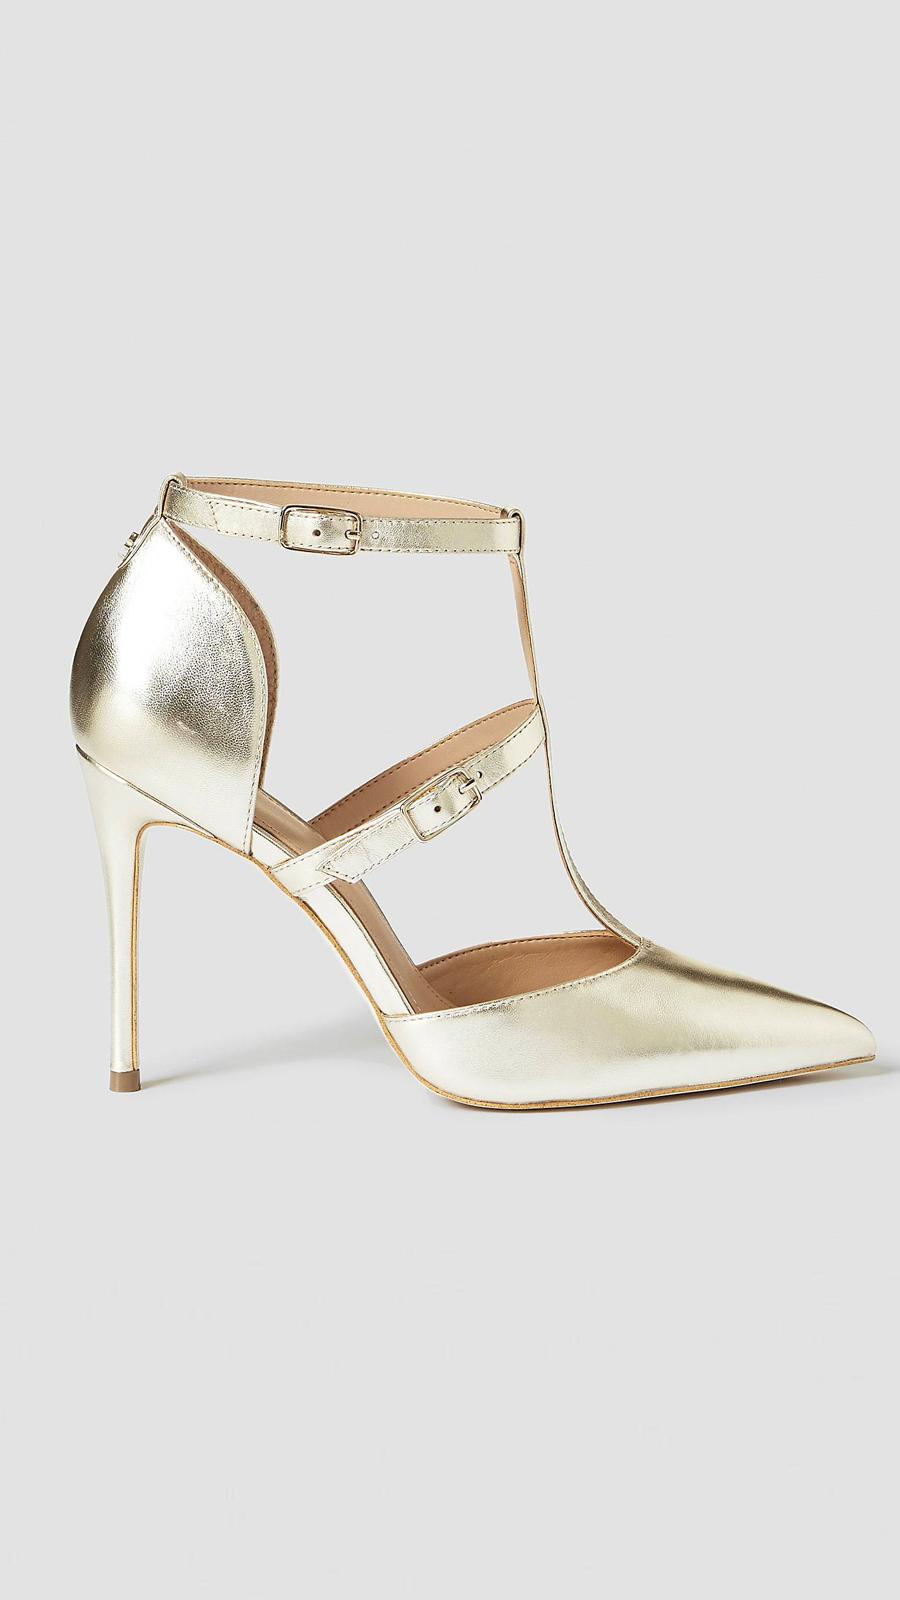 c41acf0f3 Zapato de Salón de piel 165 euros de Guess cómodo de fiesta tacones  dorados. Ni